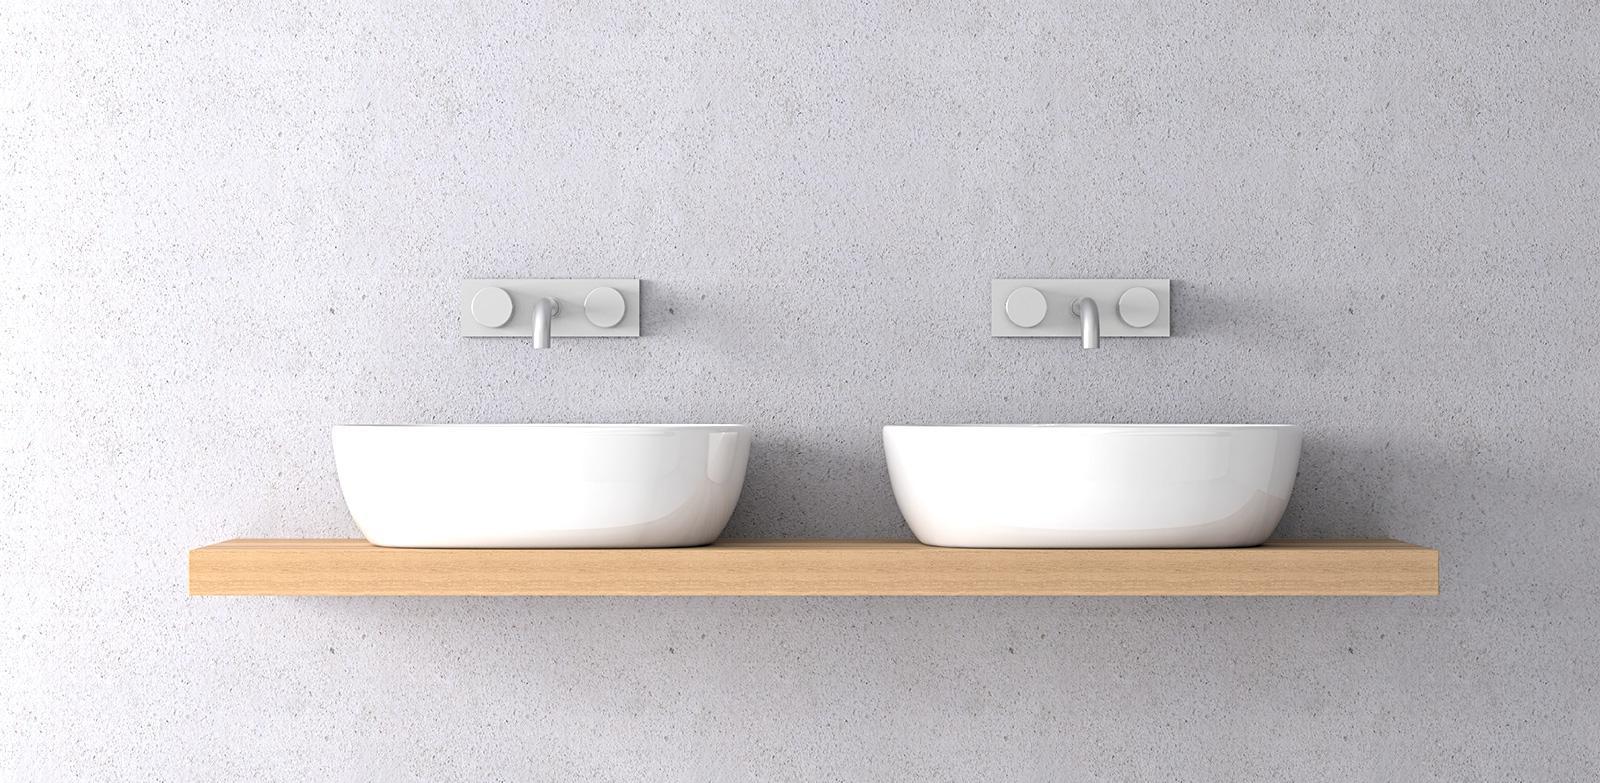 Trouvez des id es pour votre salle de bains foire de paris - Articles de salle de bain ...